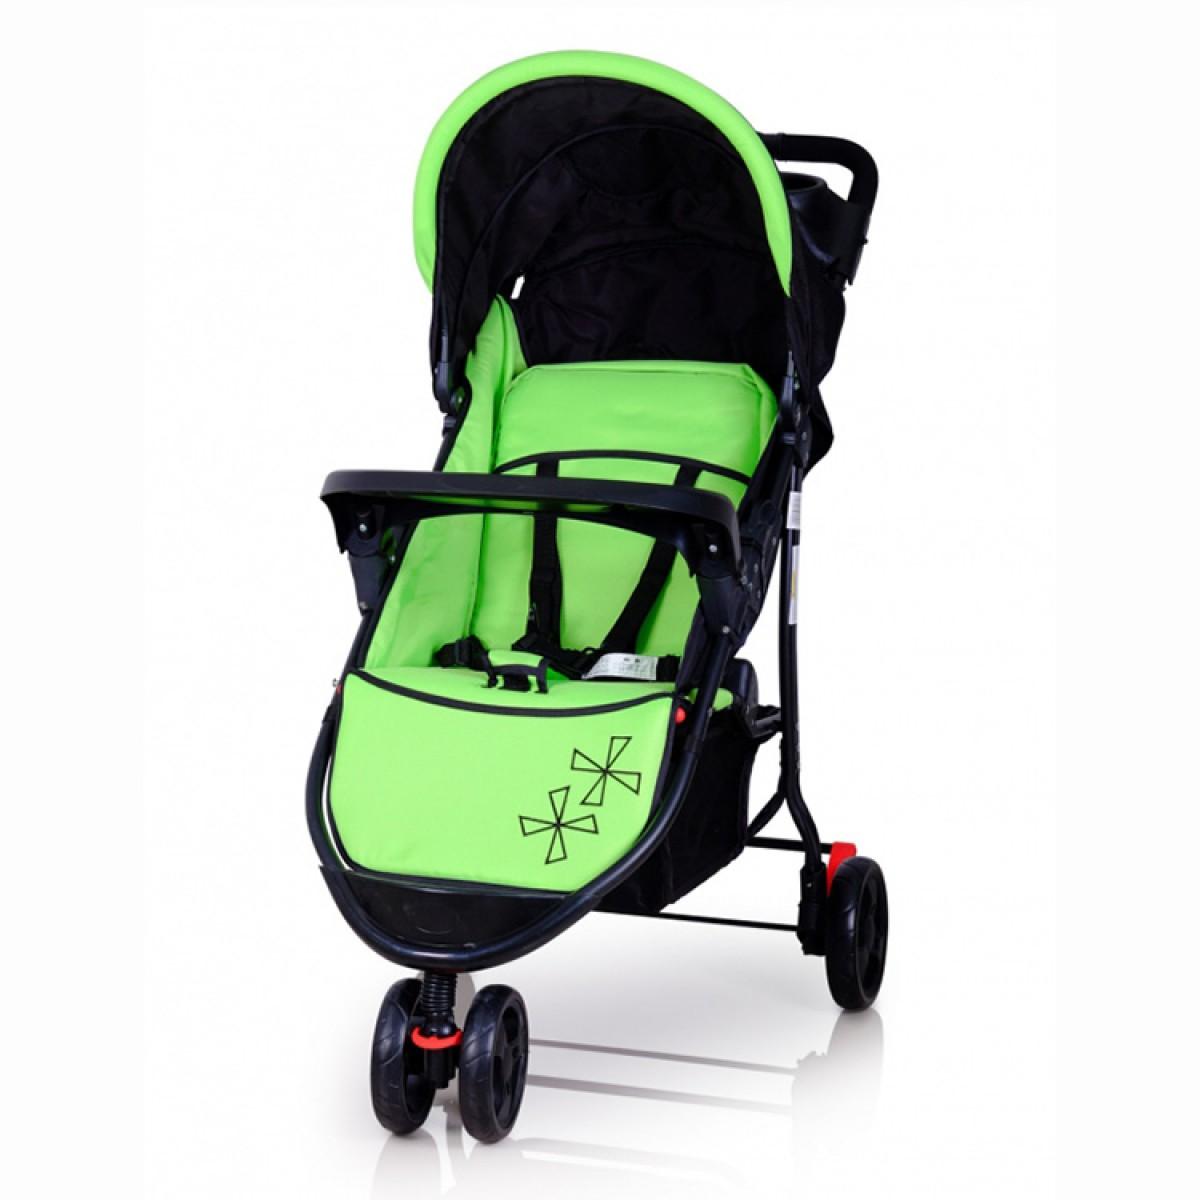 Derby Baby Stroller - Kico Baby Center